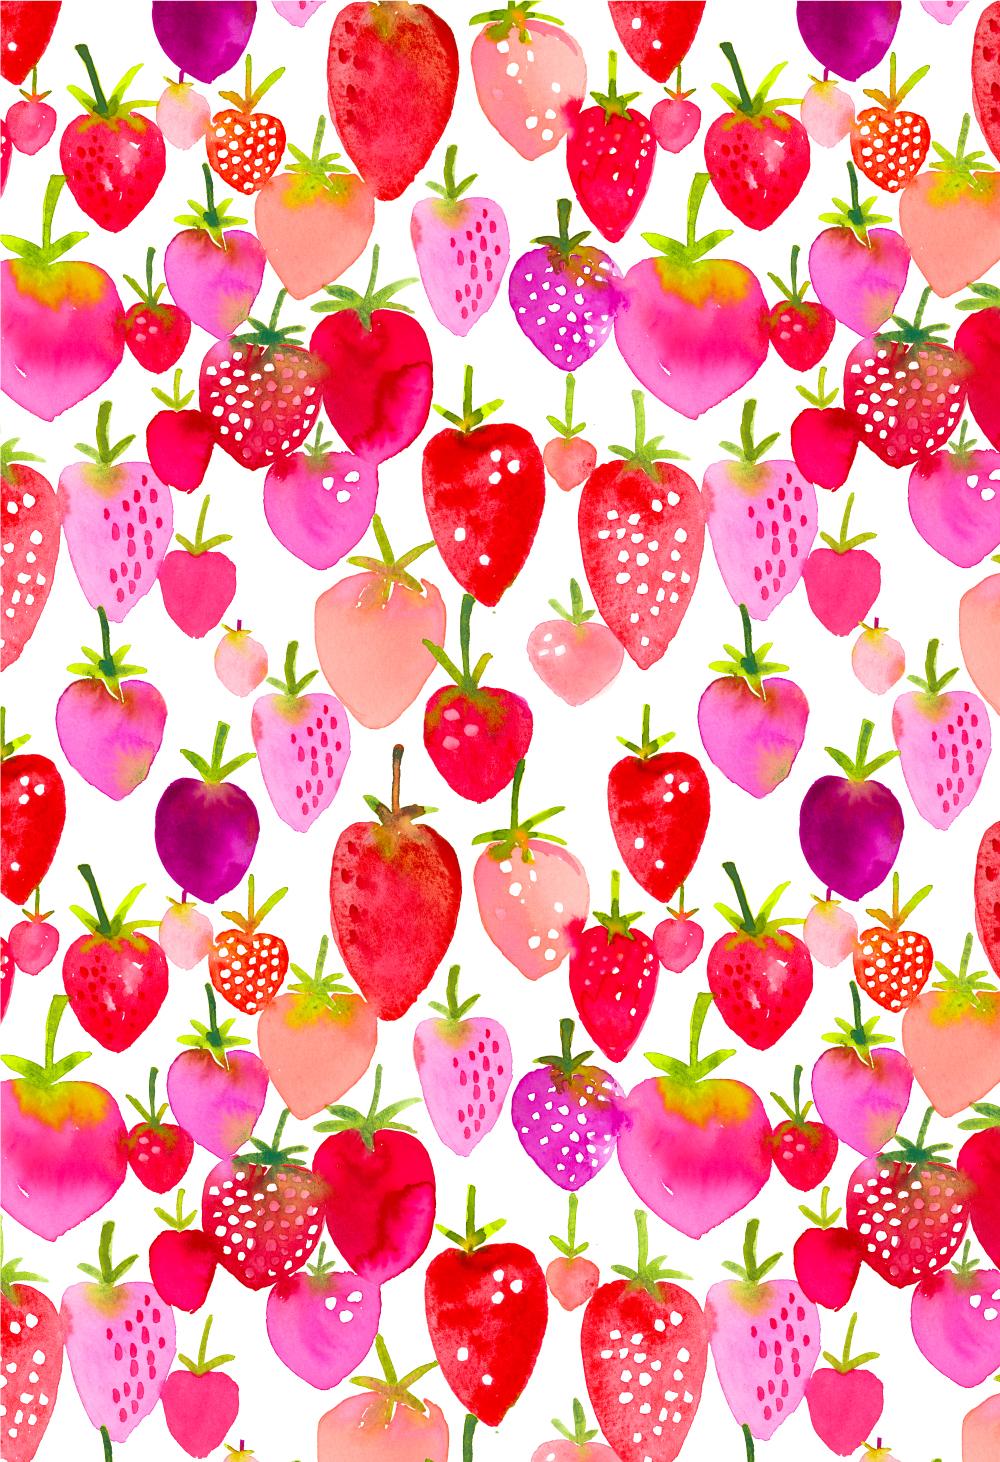 SrawberryFields.jpg